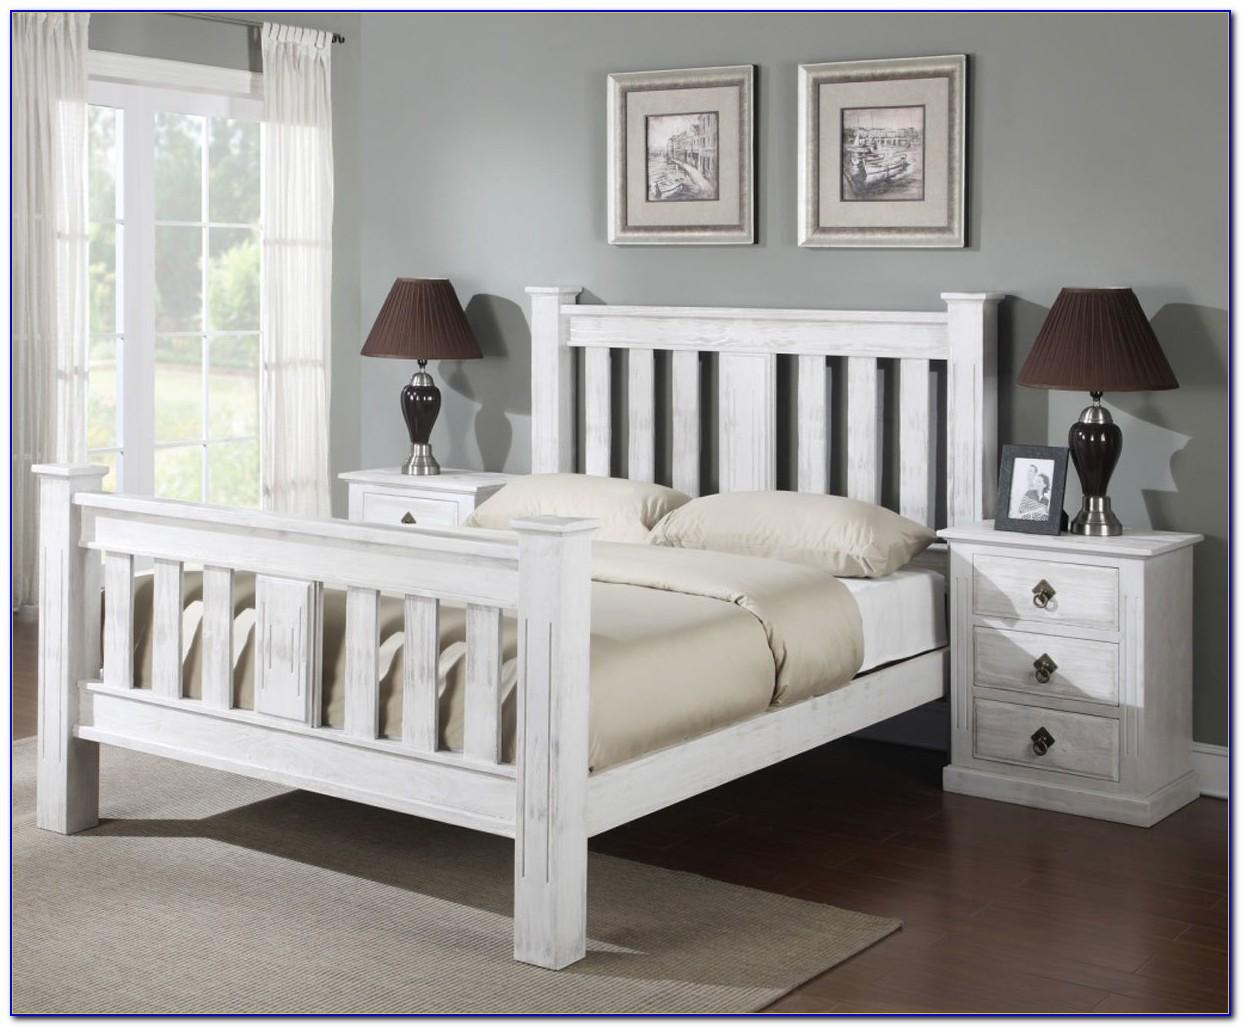 Ellis 5 Piece Bedroom Suite